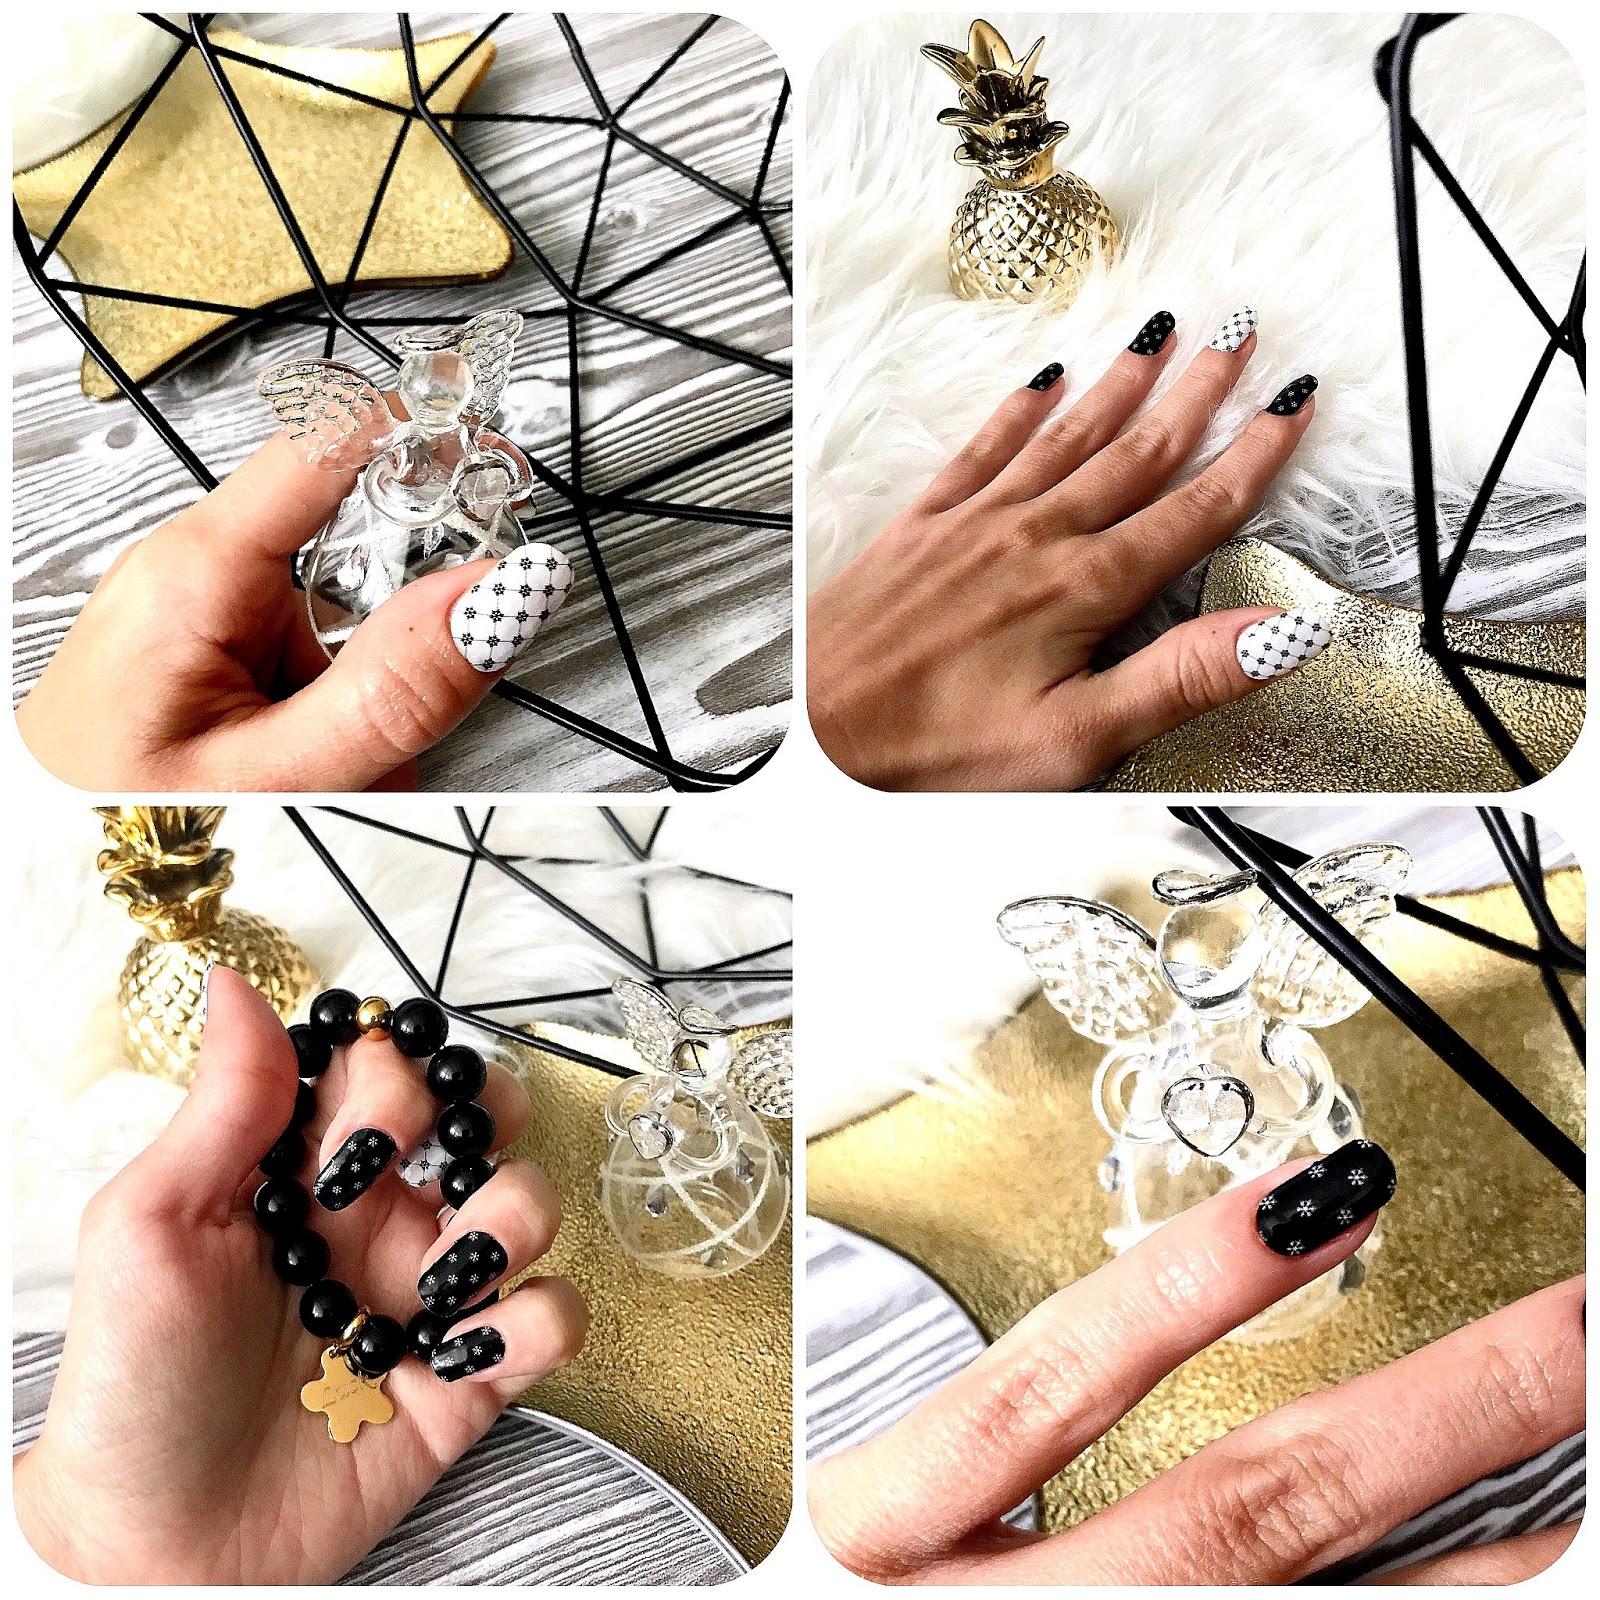 zdjęcie przedstawiające wzór Manirouge Snow and black na paznokciach